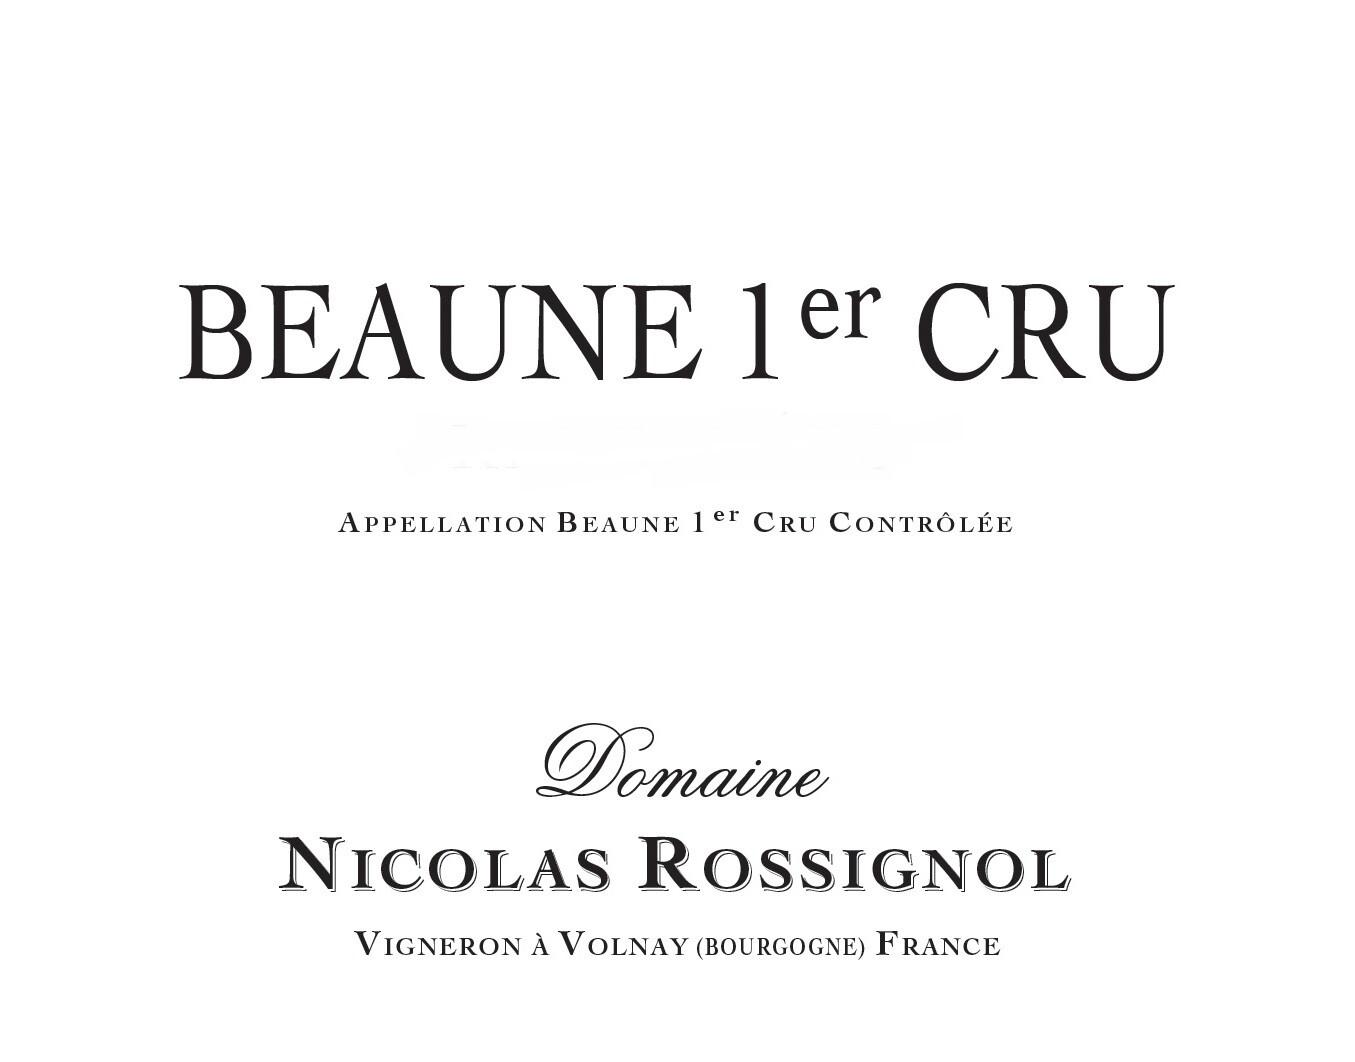 Nicolas Rossignol Beaune 1er Cru 2014